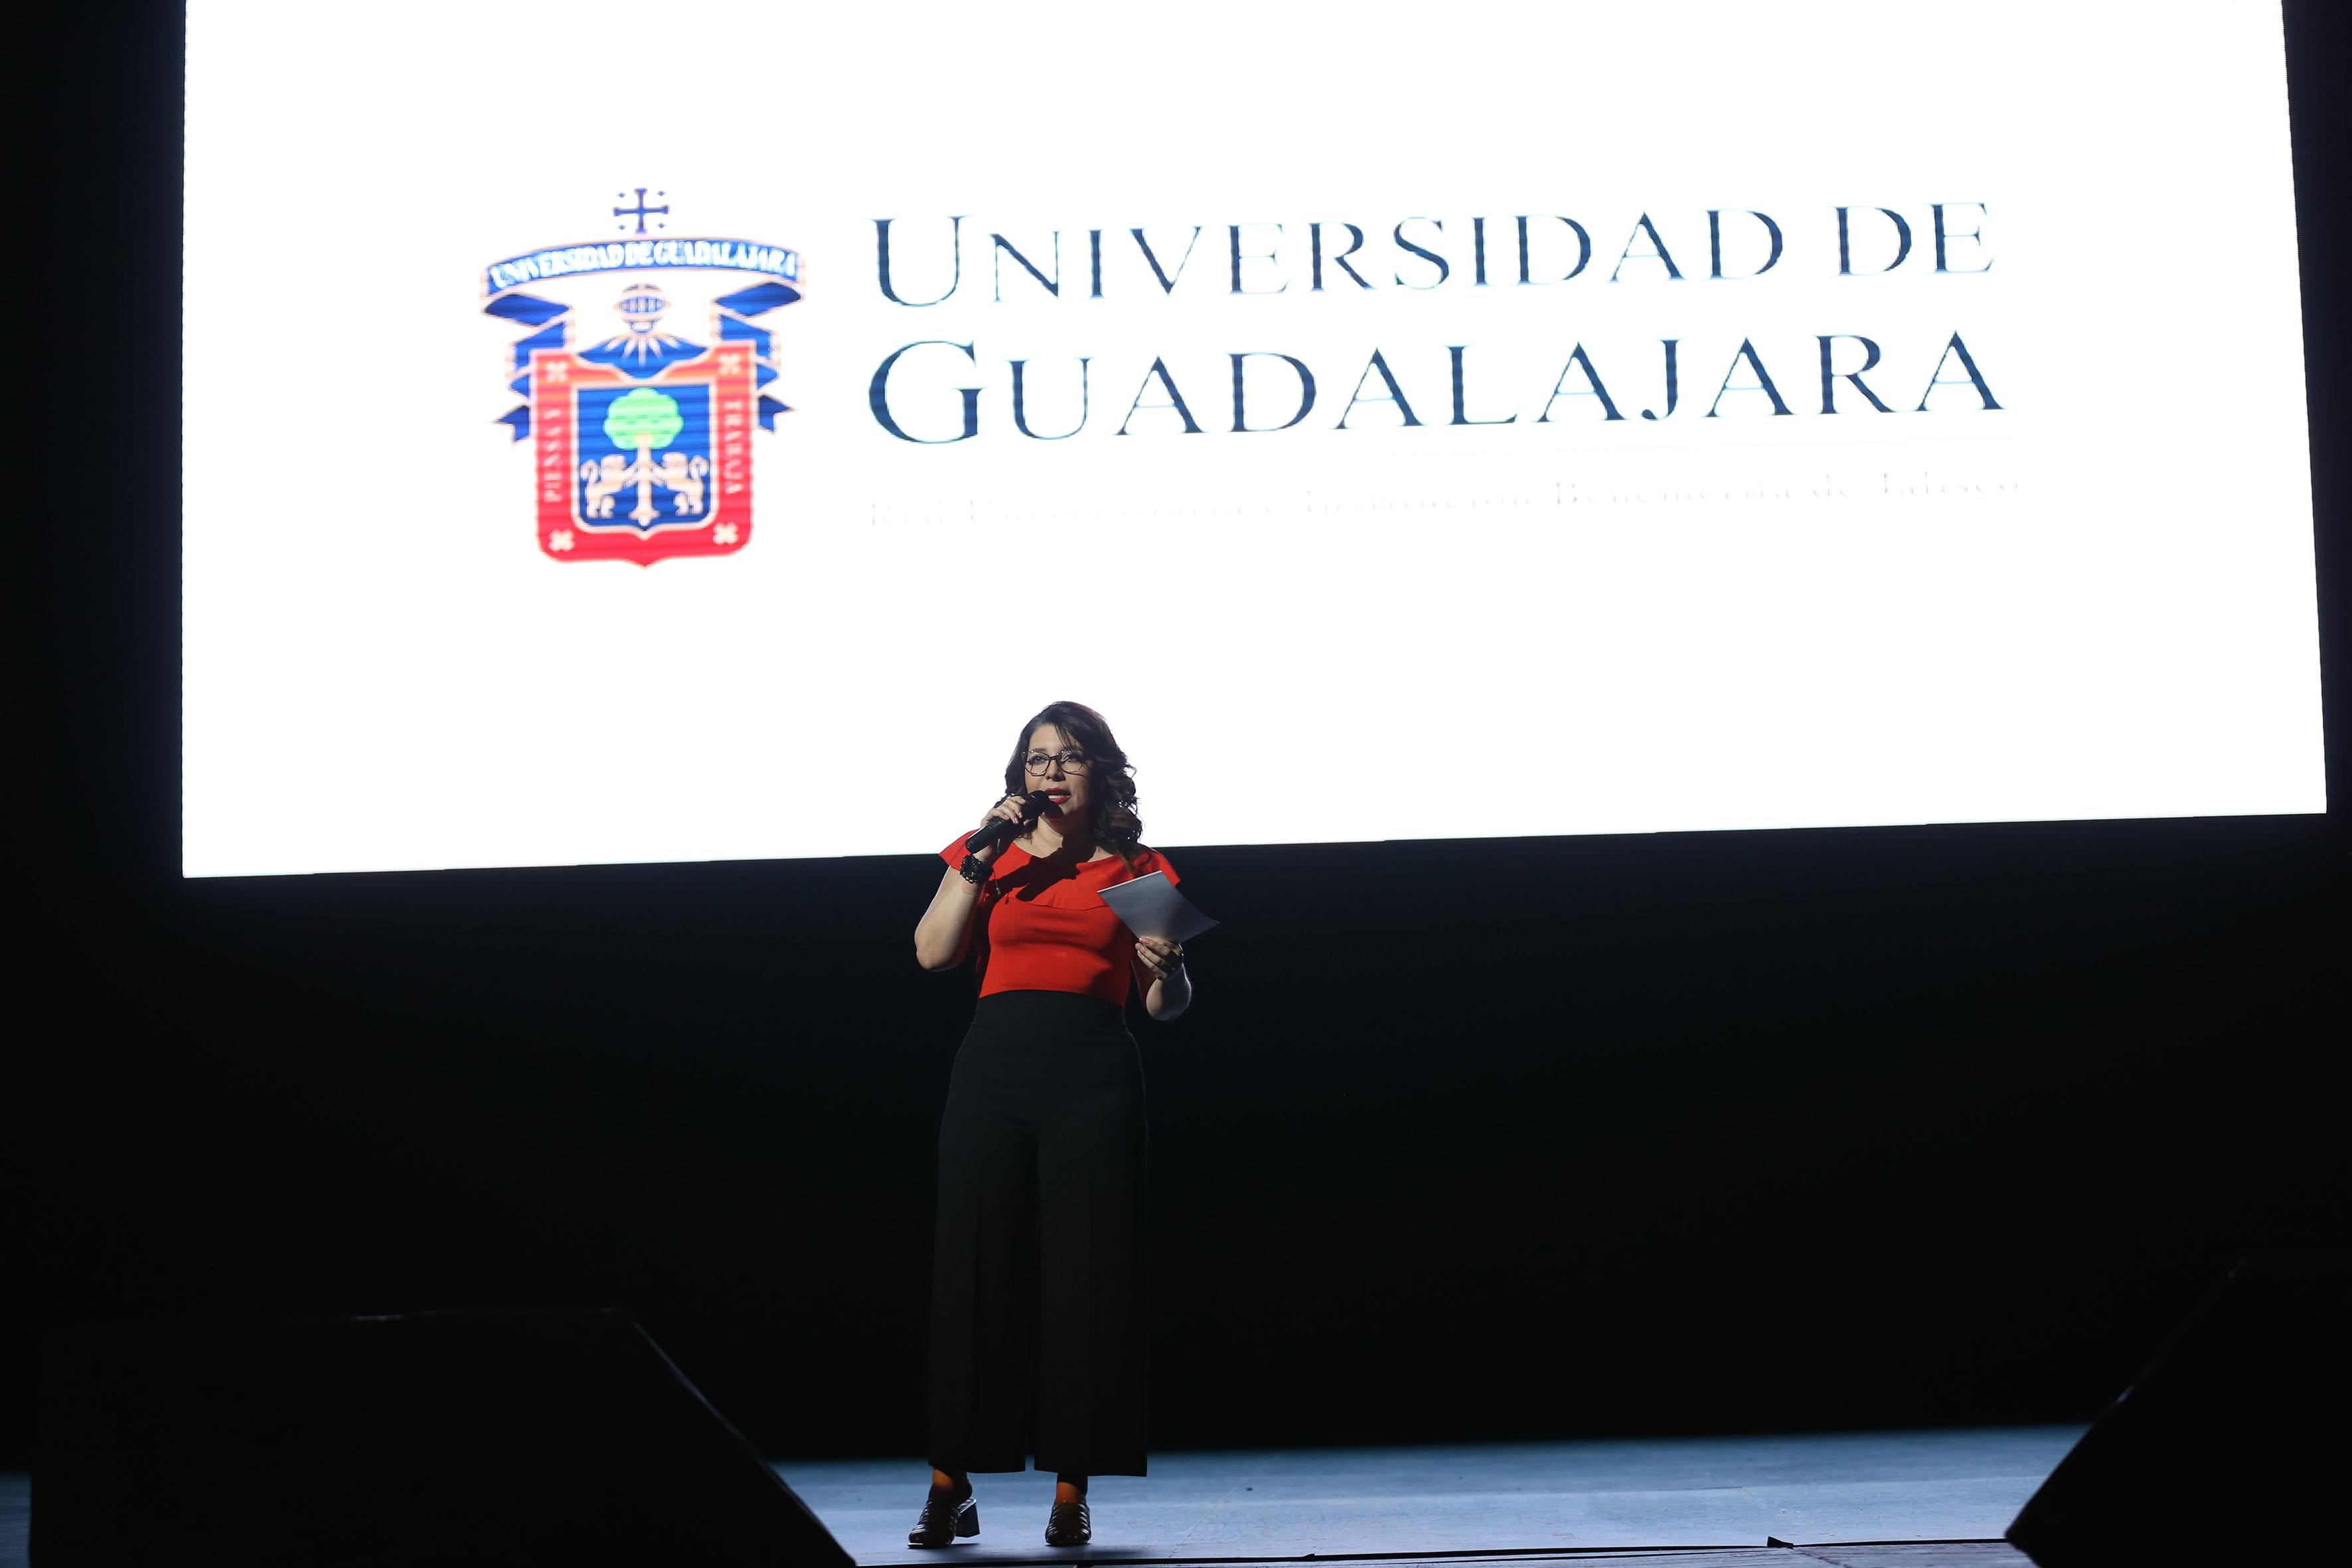 Doctora Carmen Rodríguez Armenta, coordinadora general administrativa, en el escenario del Teatro Diana, dando la bienvenida al talento tapatío en el evento.